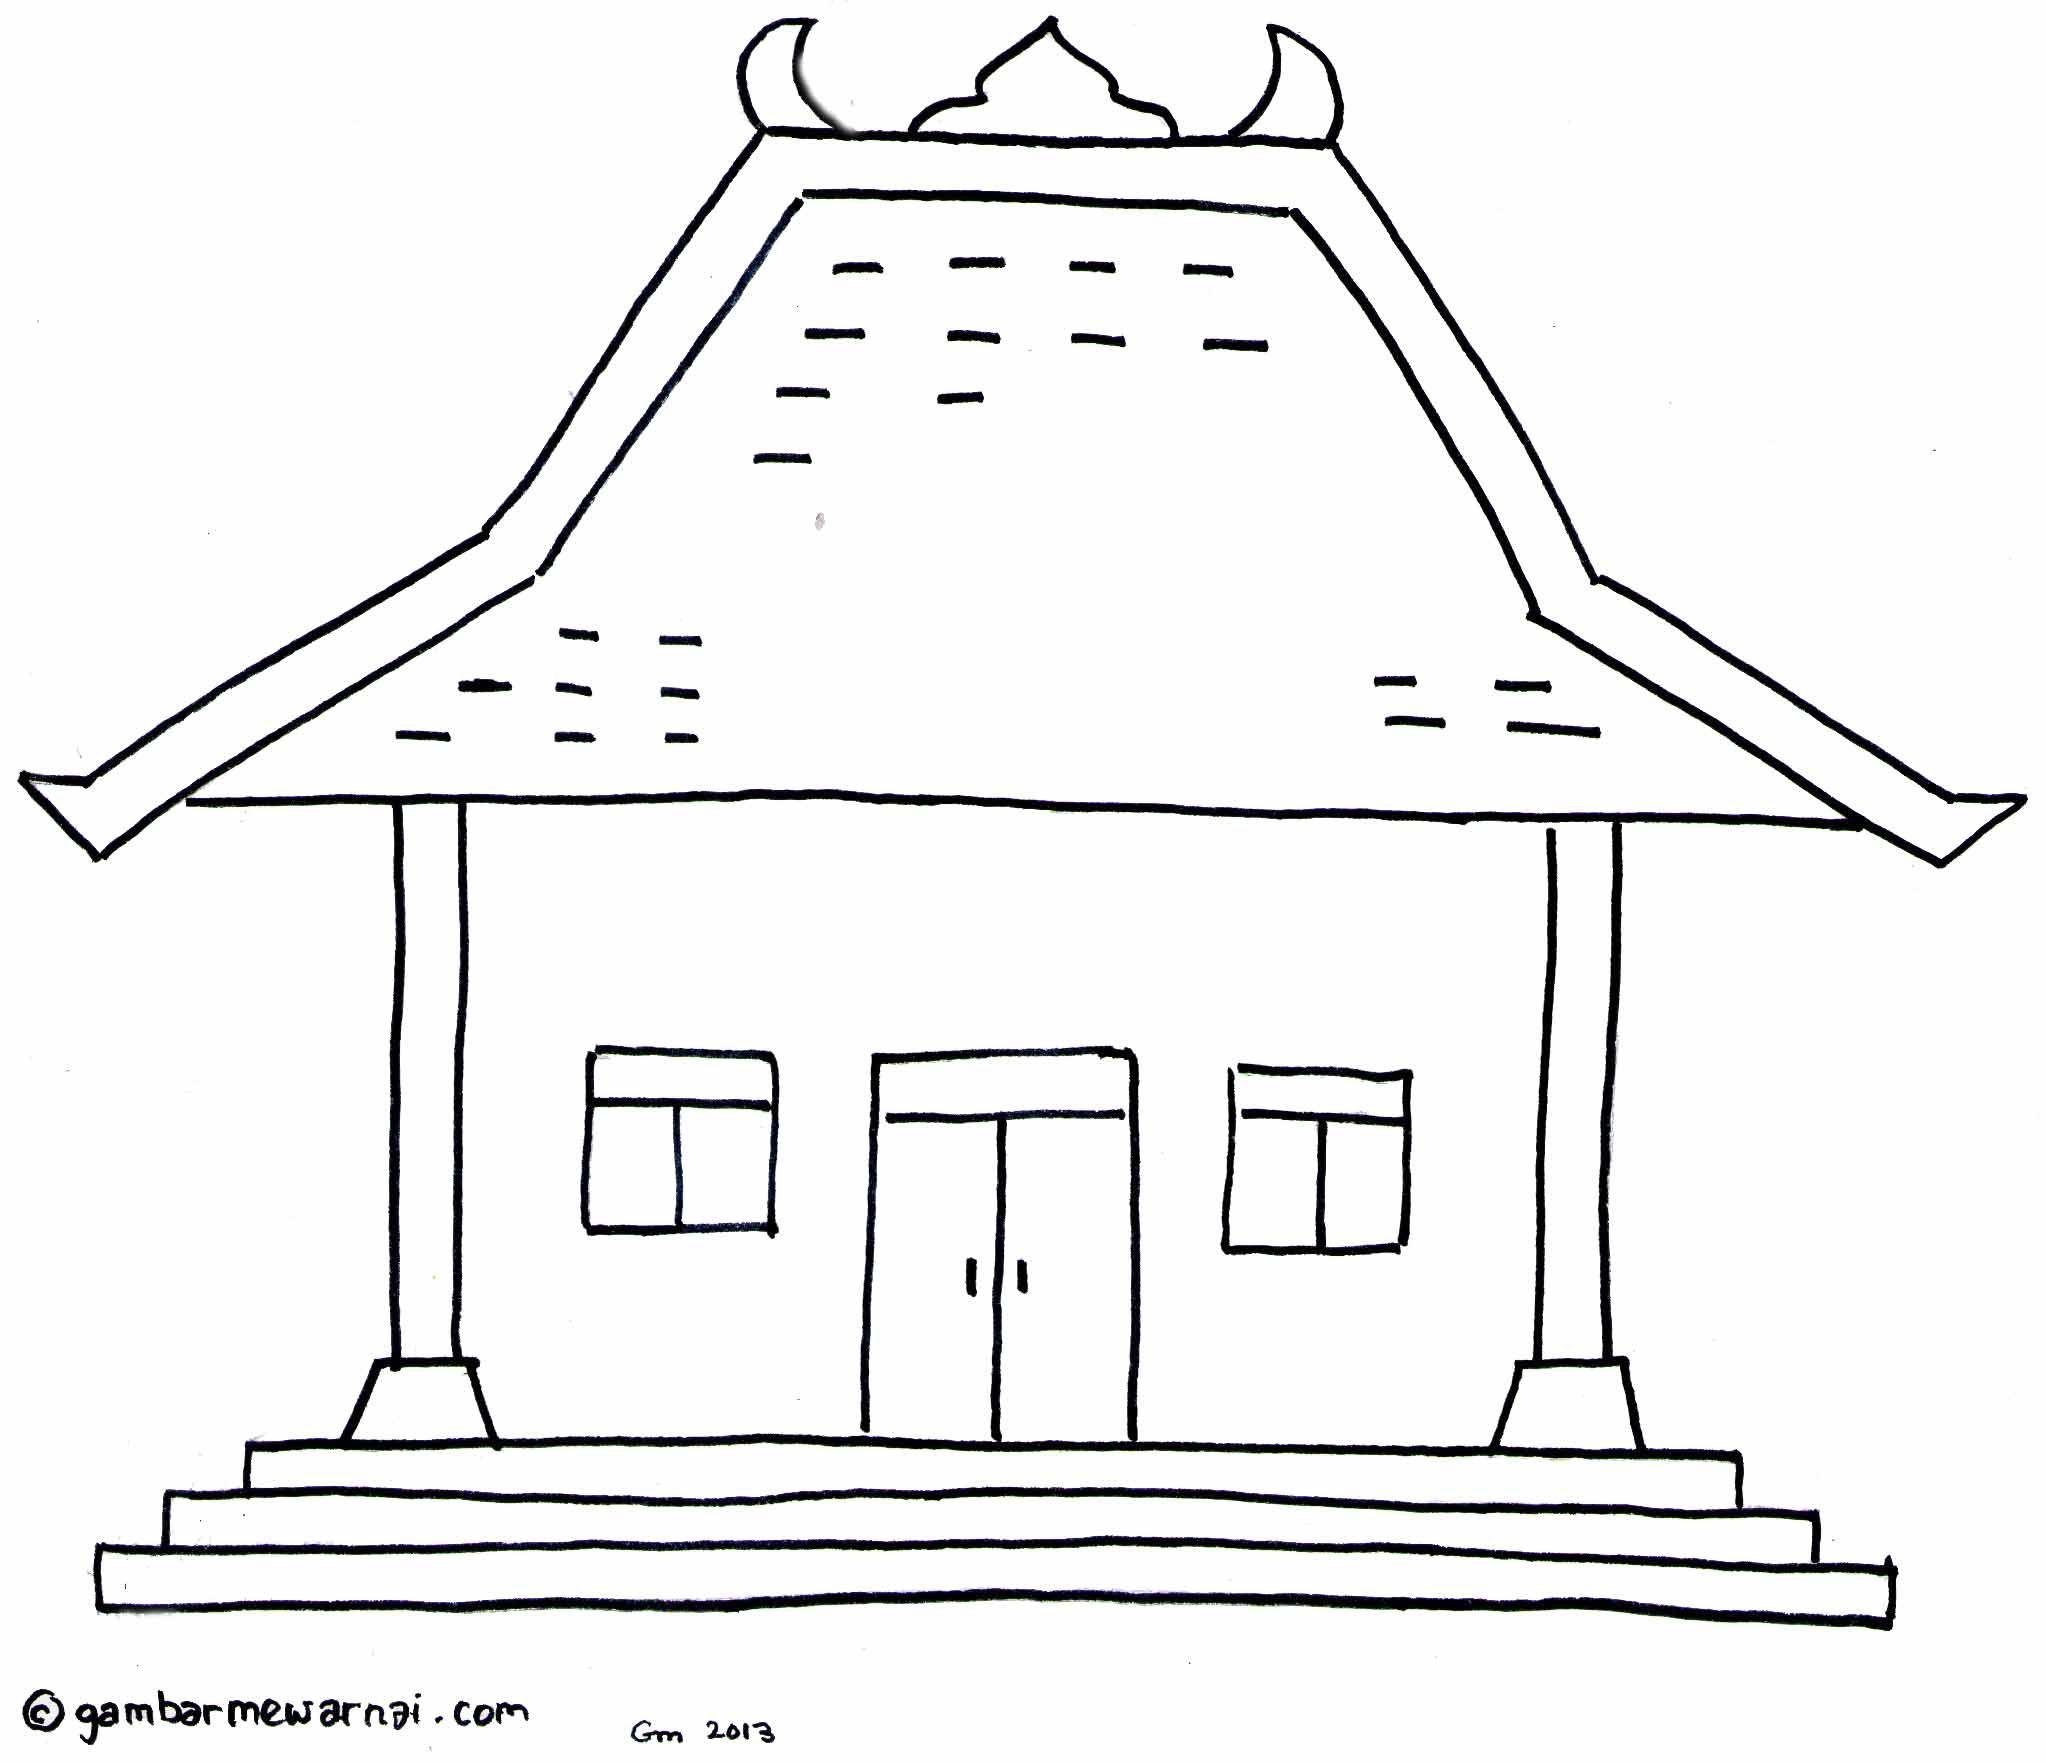 Gambar Mewarnai Rumah Adat Joglo Adalah Khas Rumah Adat Jawa Jawa